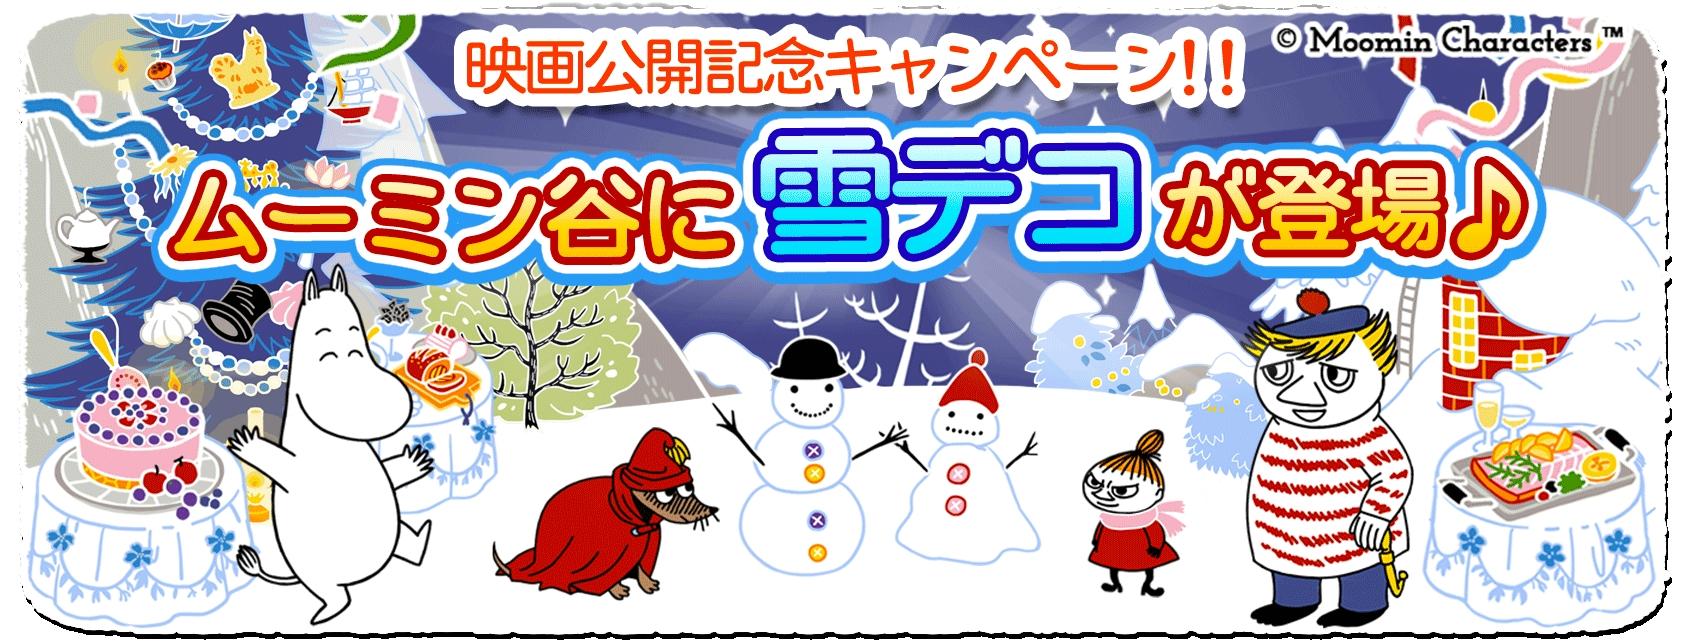 『ムーミンの箱庭アプリ』にて映画公開記念キャンペーンが開始!